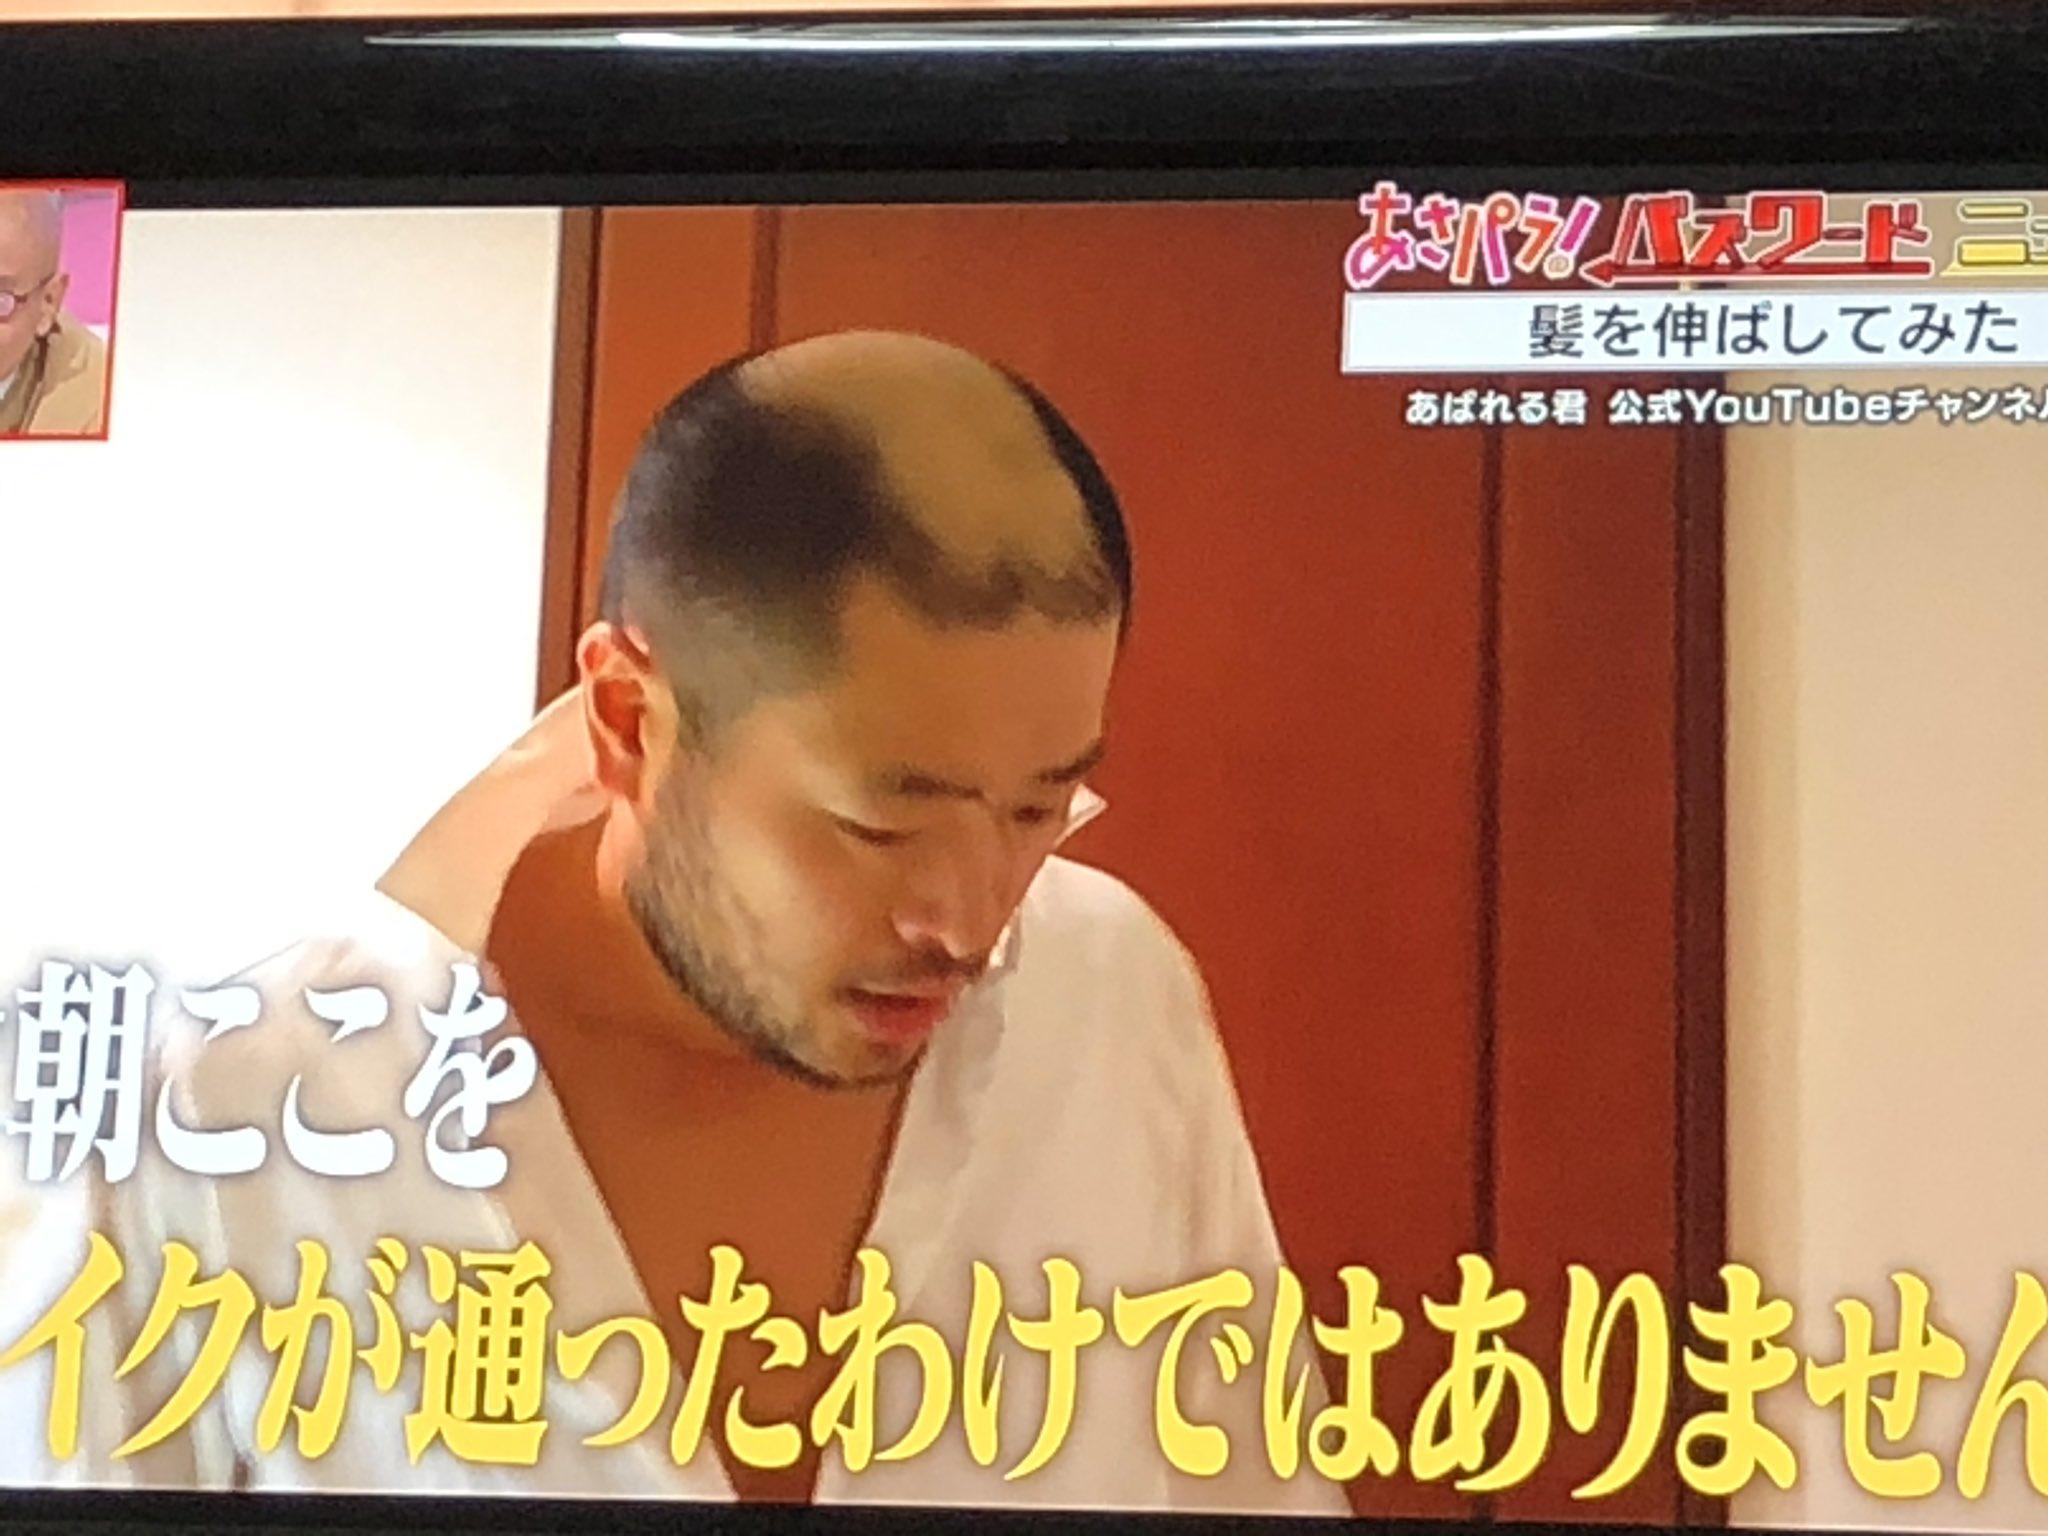 君 ザビエル あばれる 【動画】あばれる君、2週間以上髪を伸ばした結果